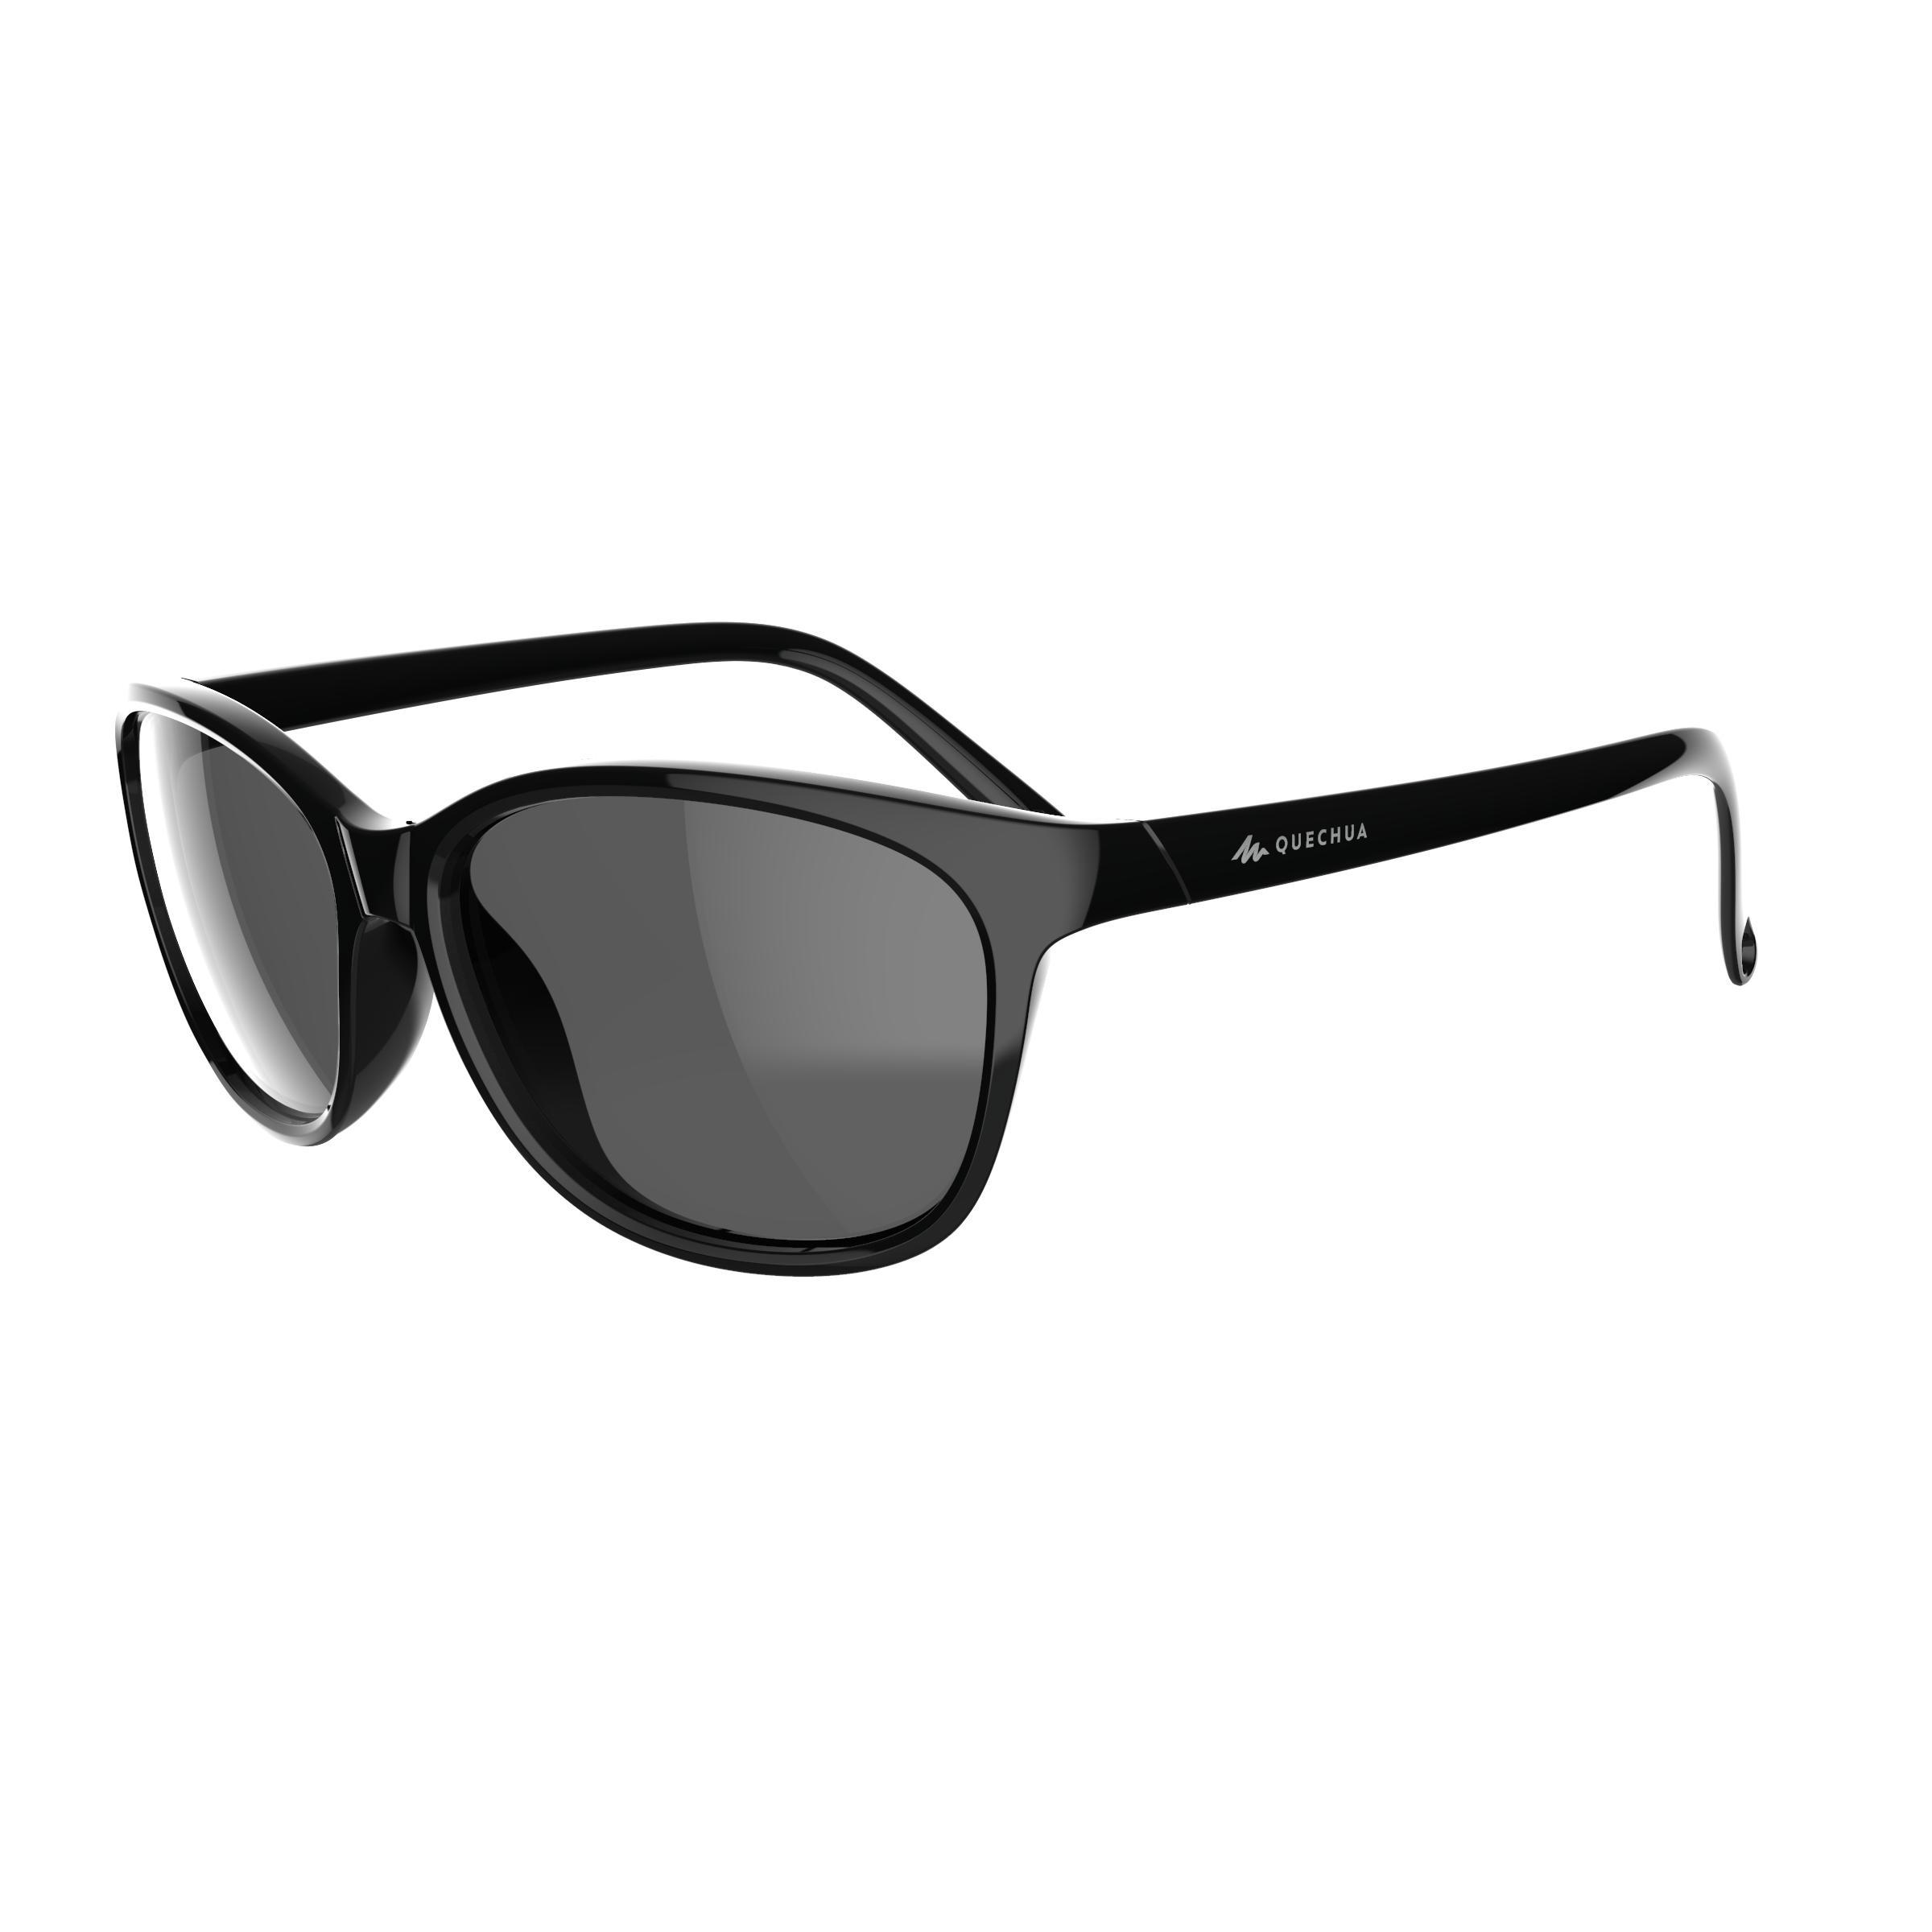 f11cff0ee5 Comprar Gafas Polarizadas online | Decathlon